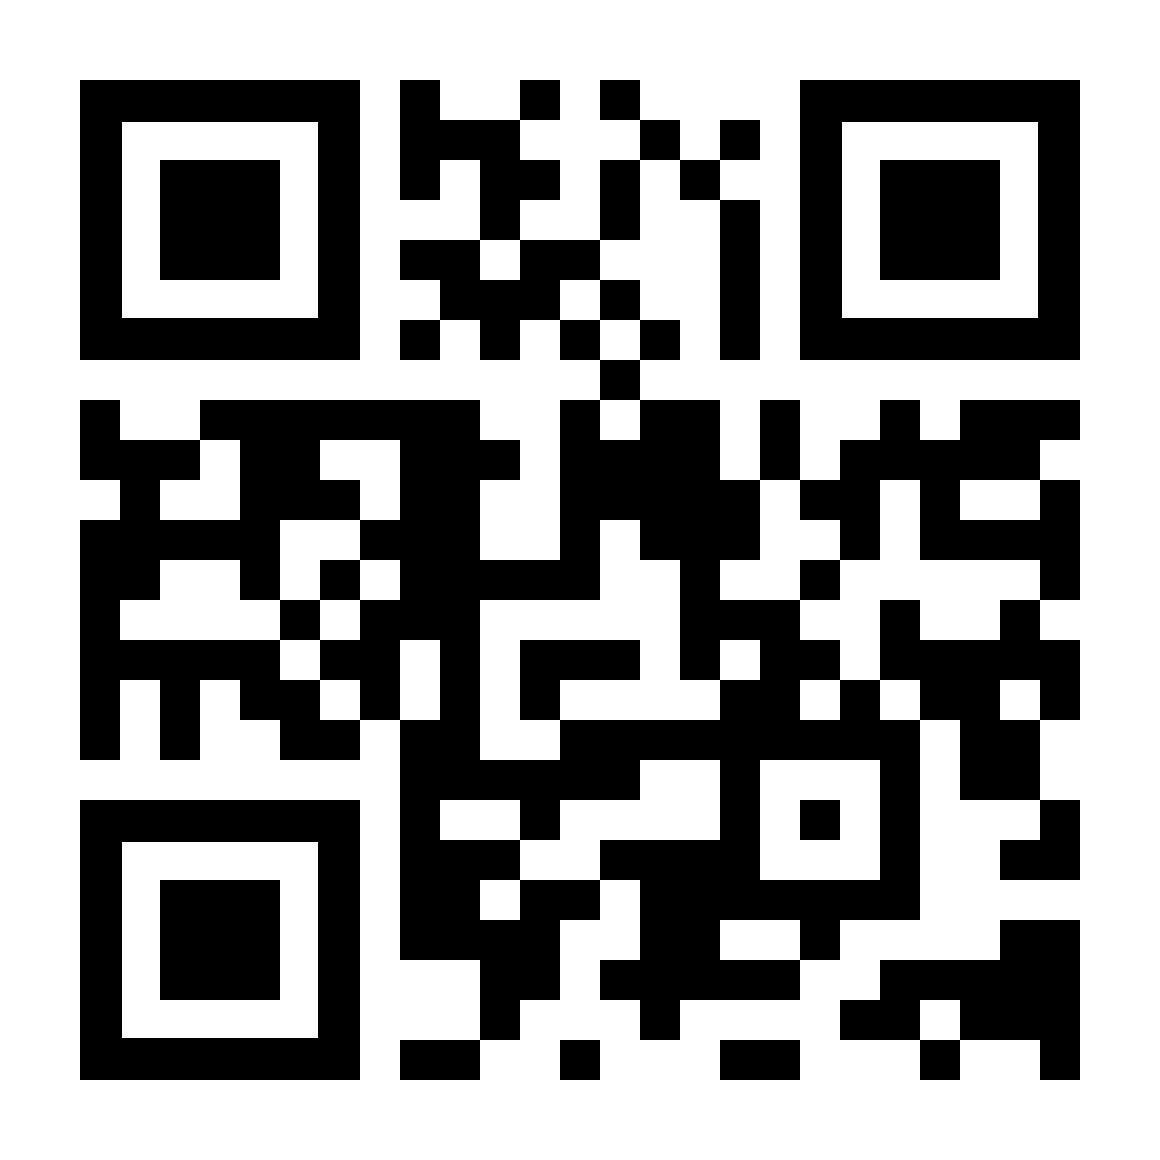 Un code QR menant à kaspersky.fr